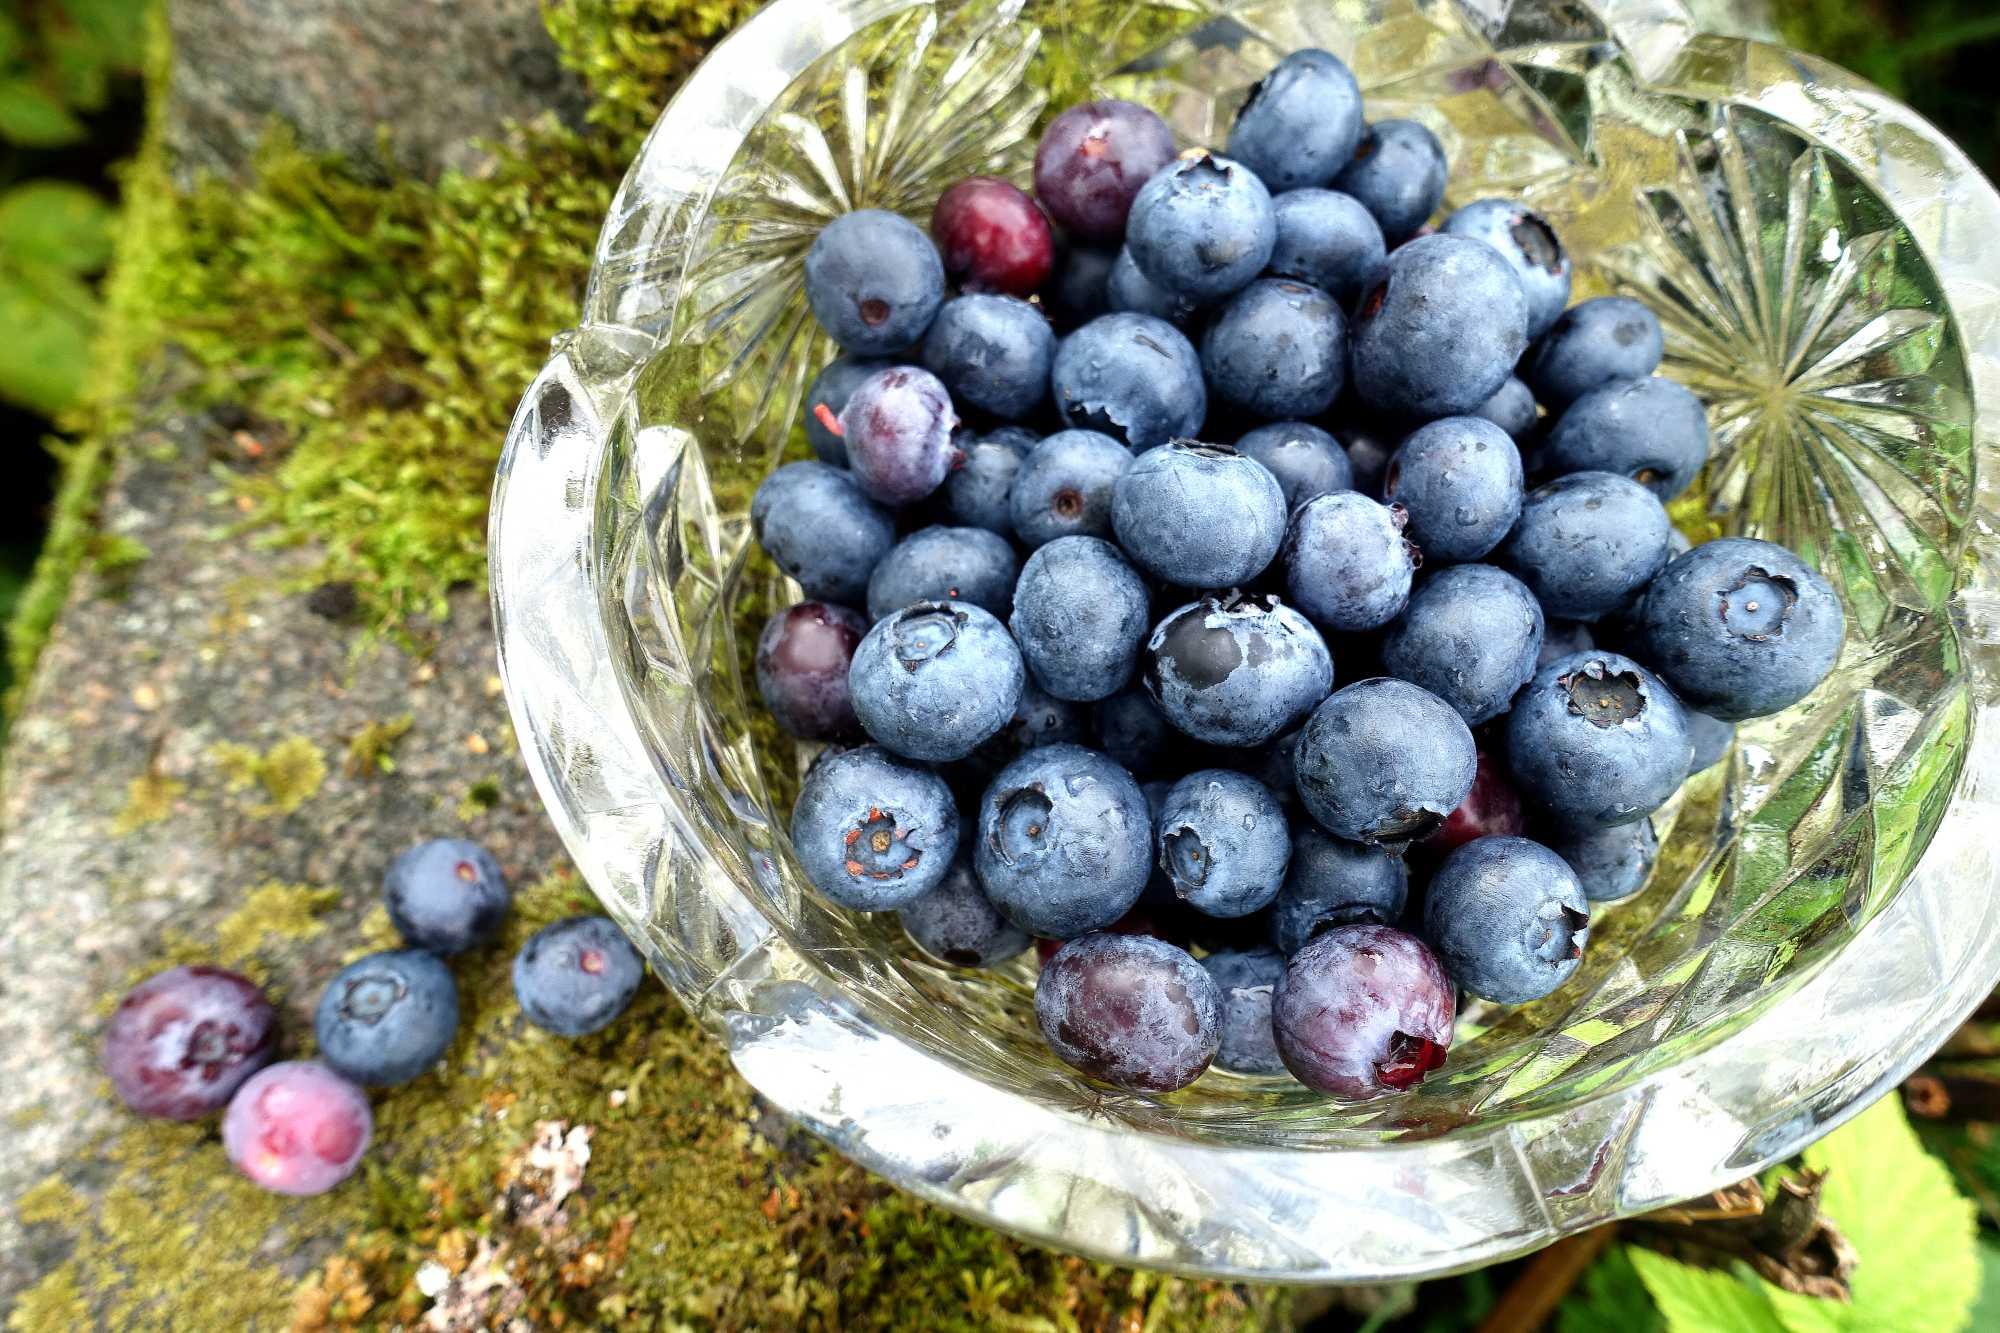 En skål med blåbär på en sten med mossa.